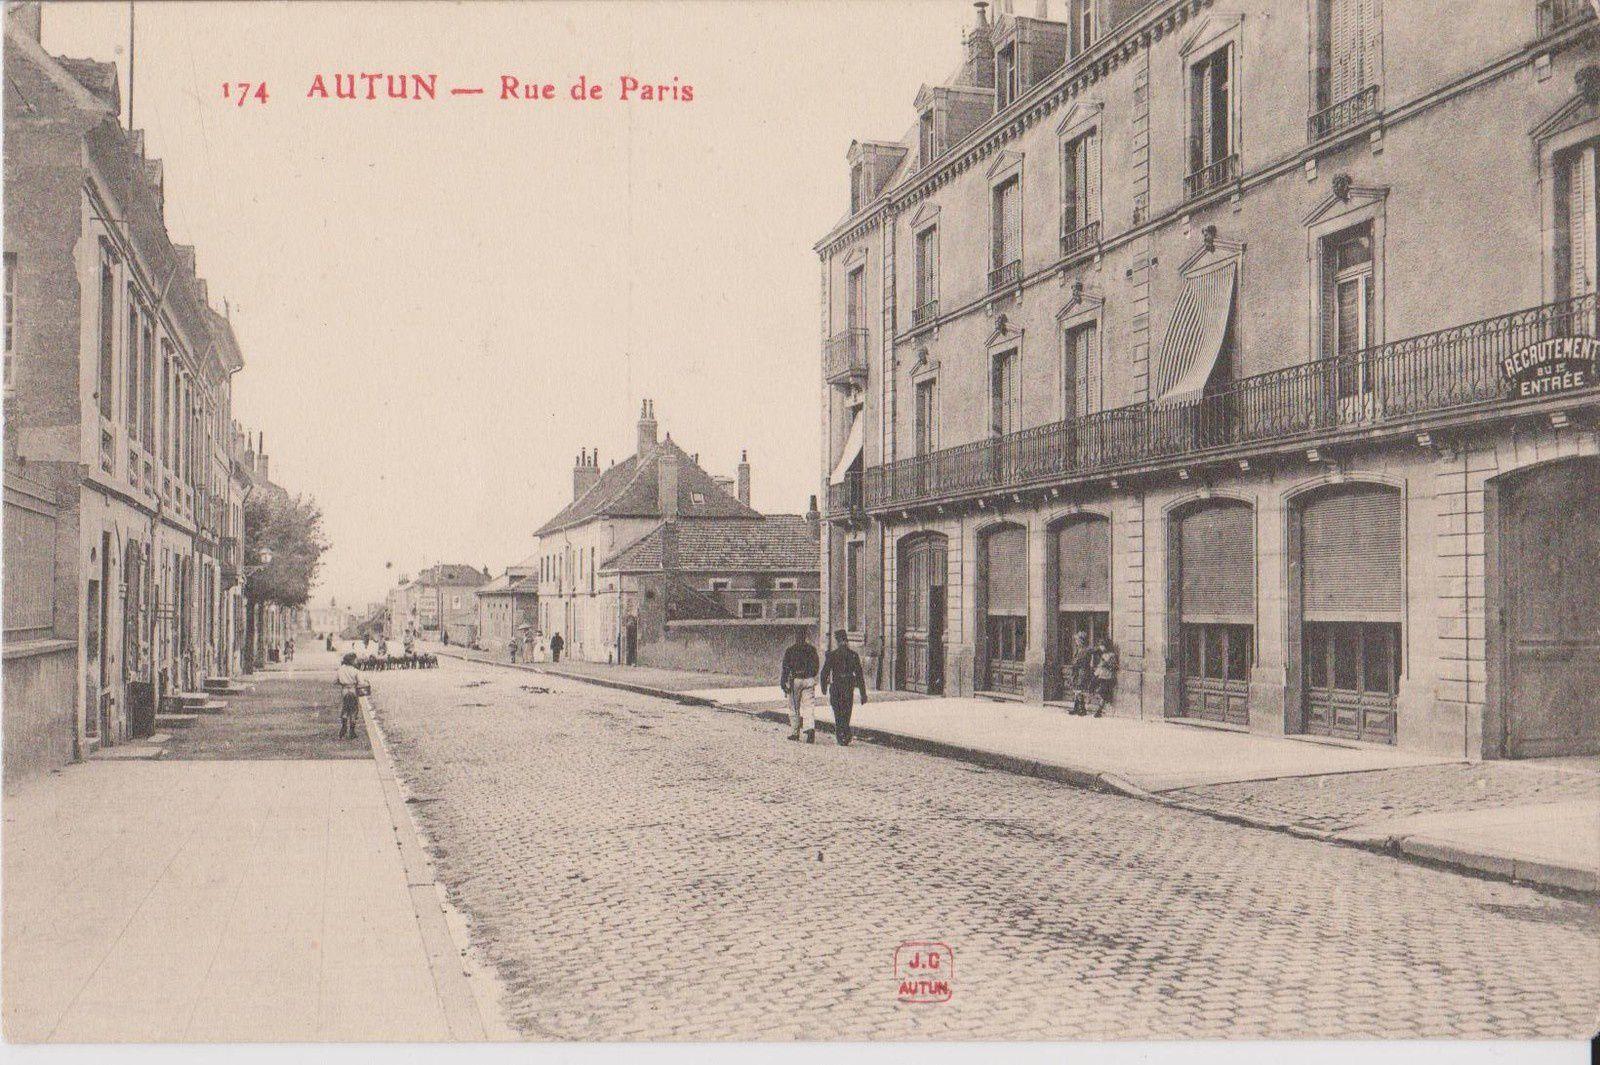 Rue de Paris 71400 Autun.   ¤¤¤ Quartier Marchaux ¤¤¤